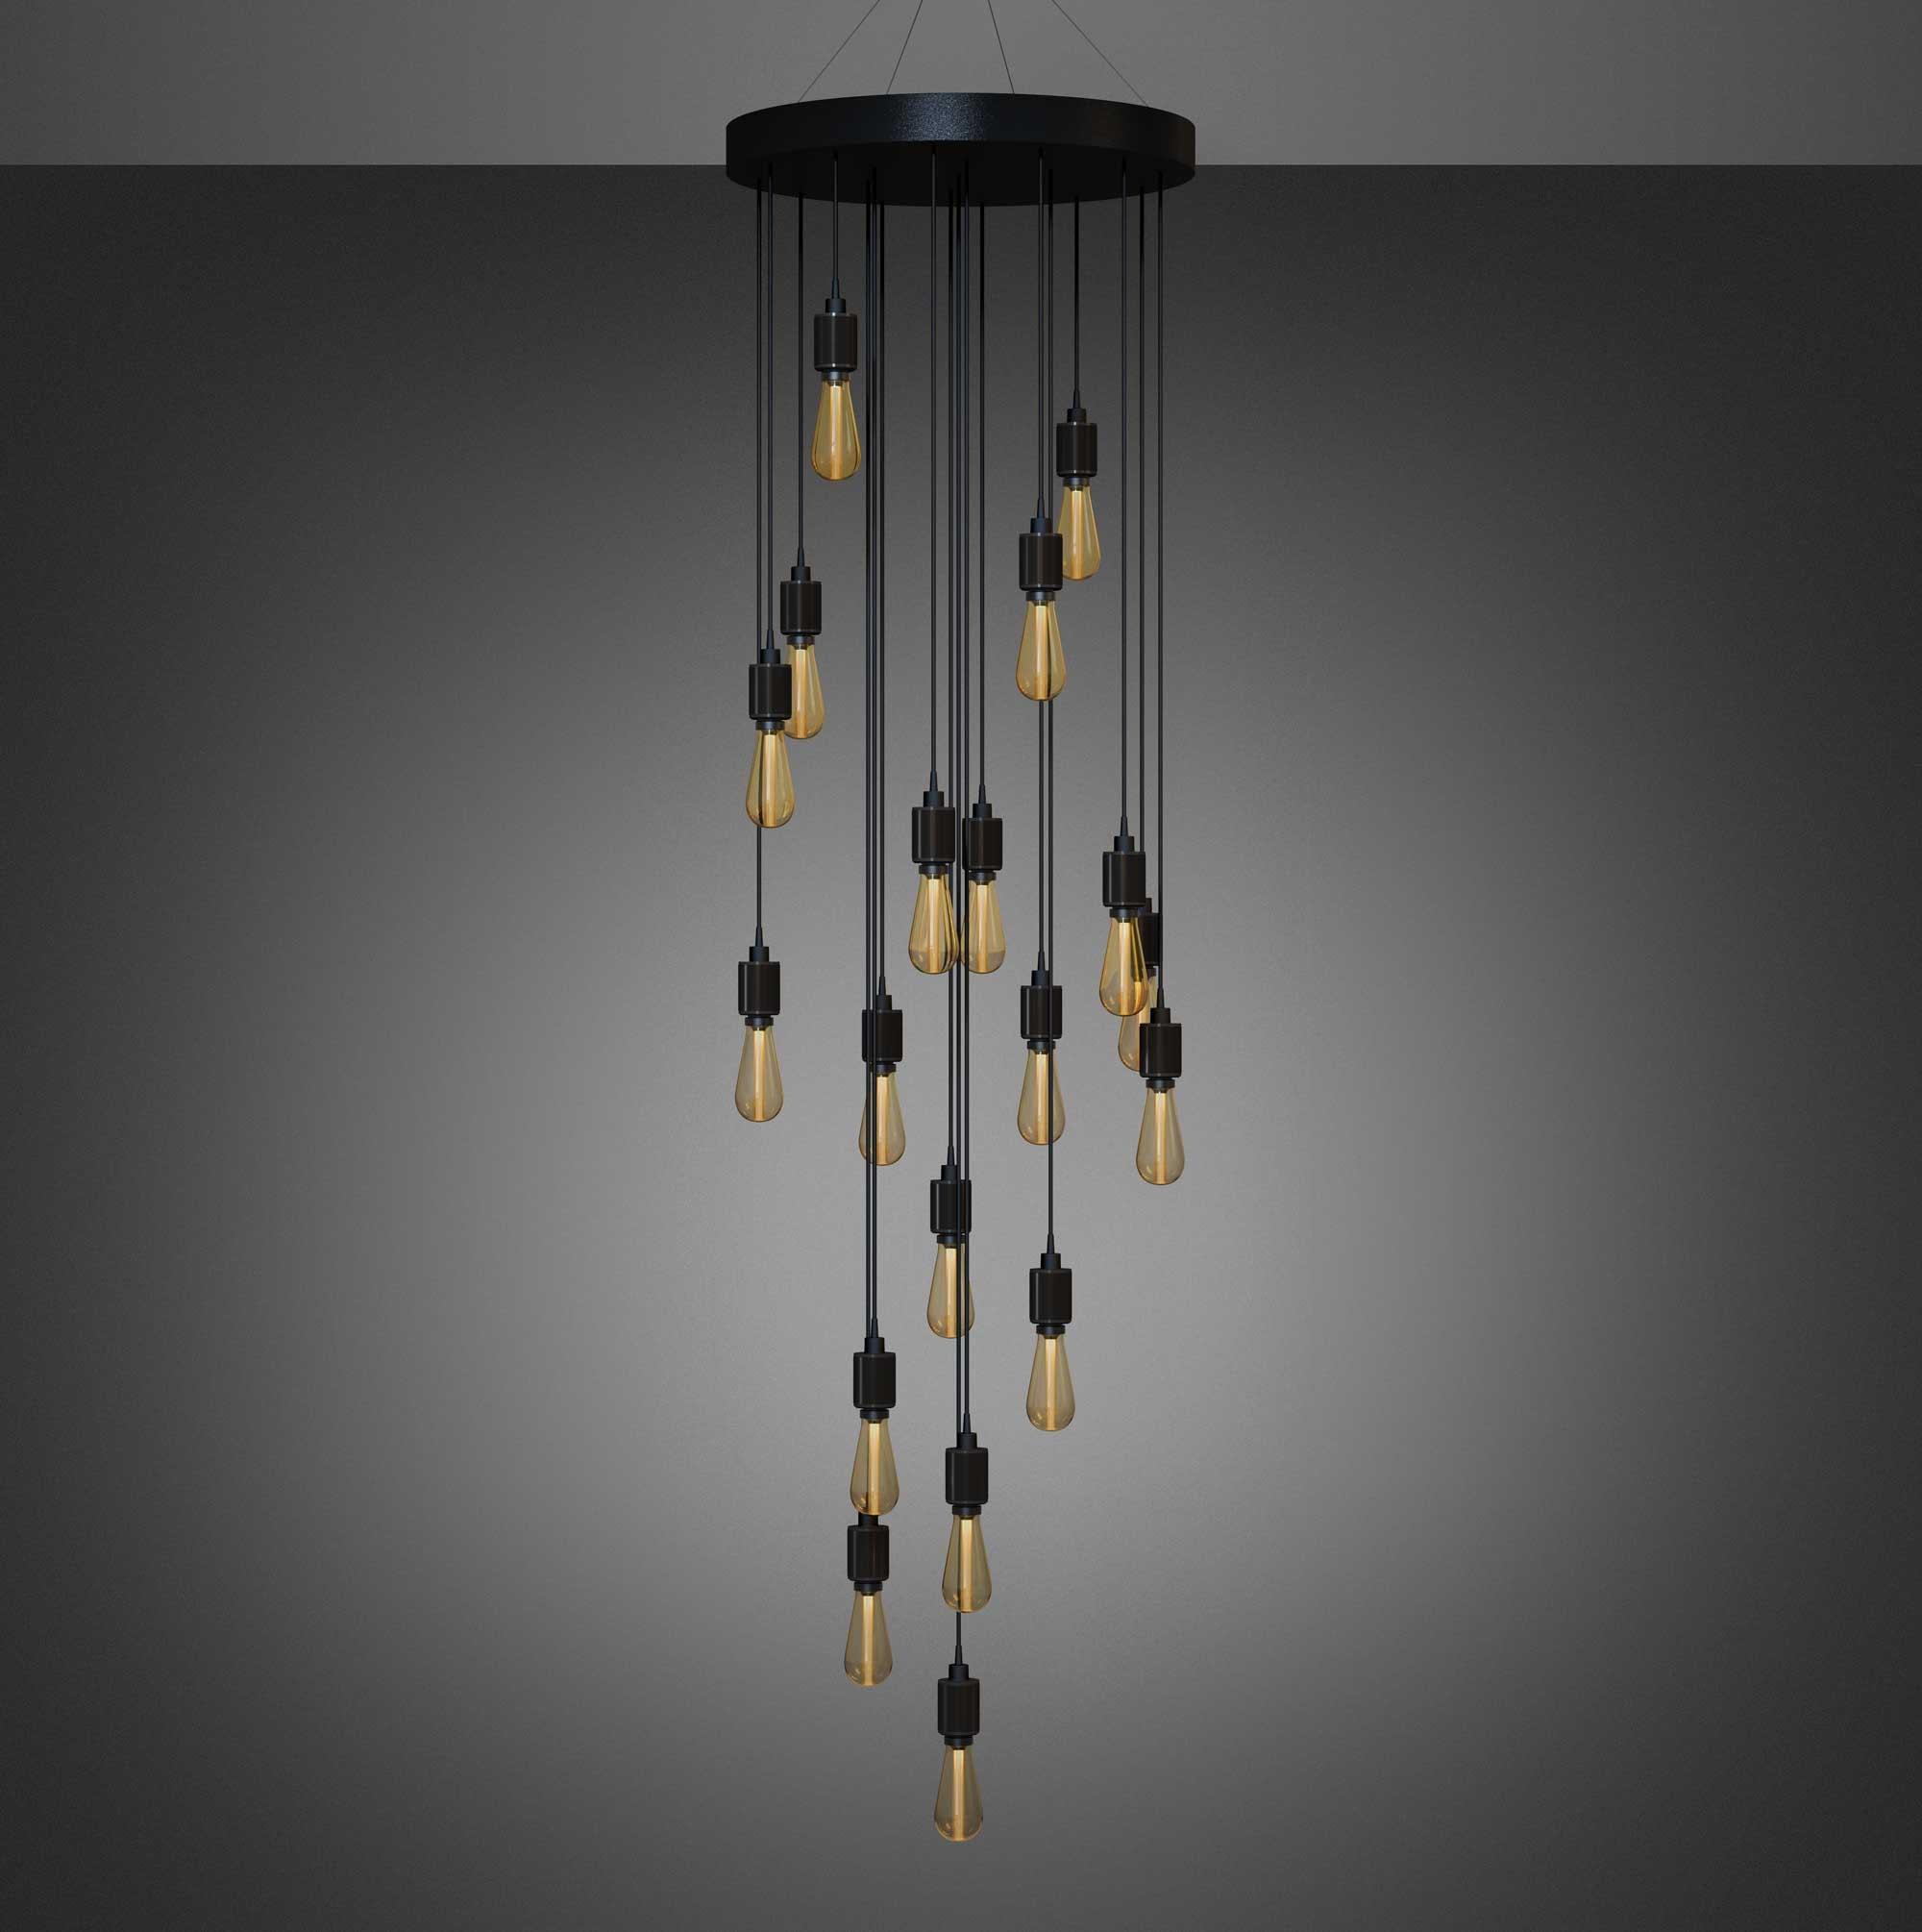 chandelier lampe designet af buster + punch